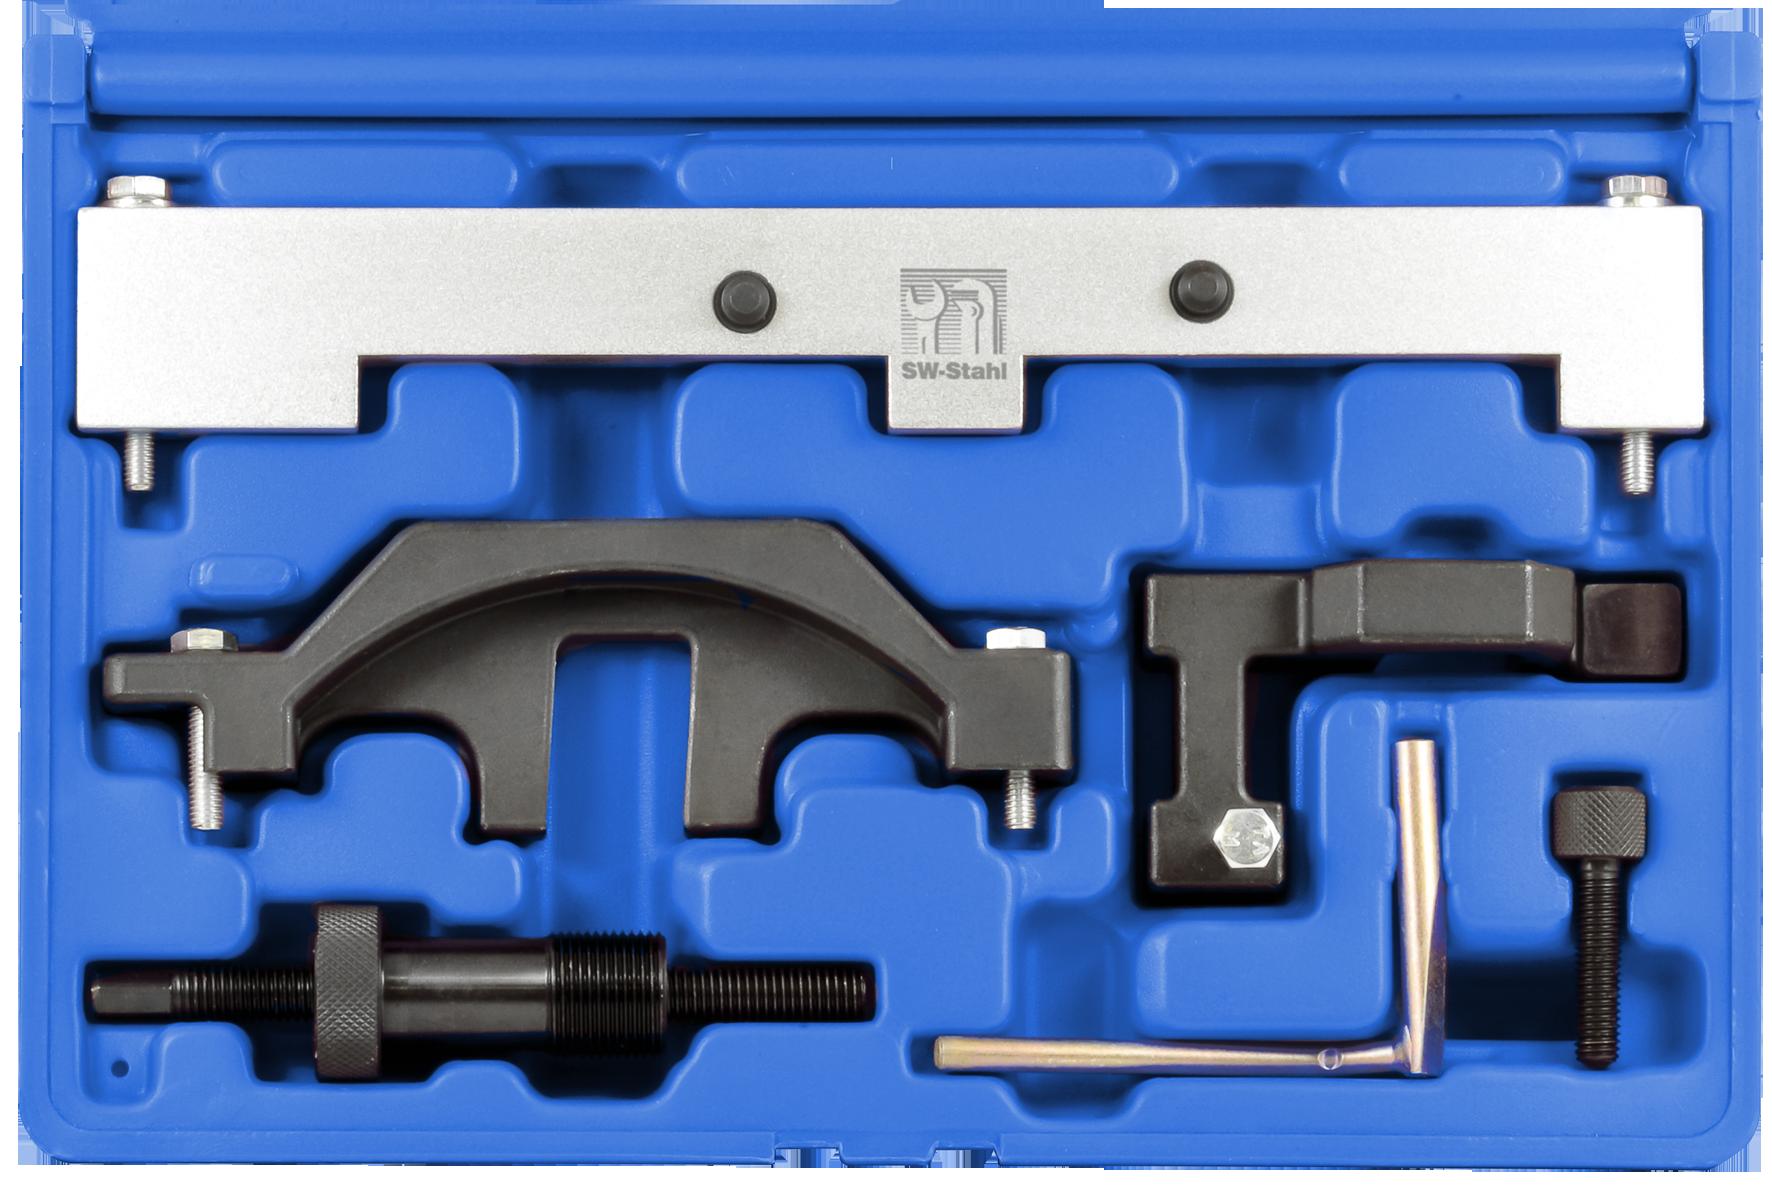 SWSTAHL Engine adjustment tool set 26112L